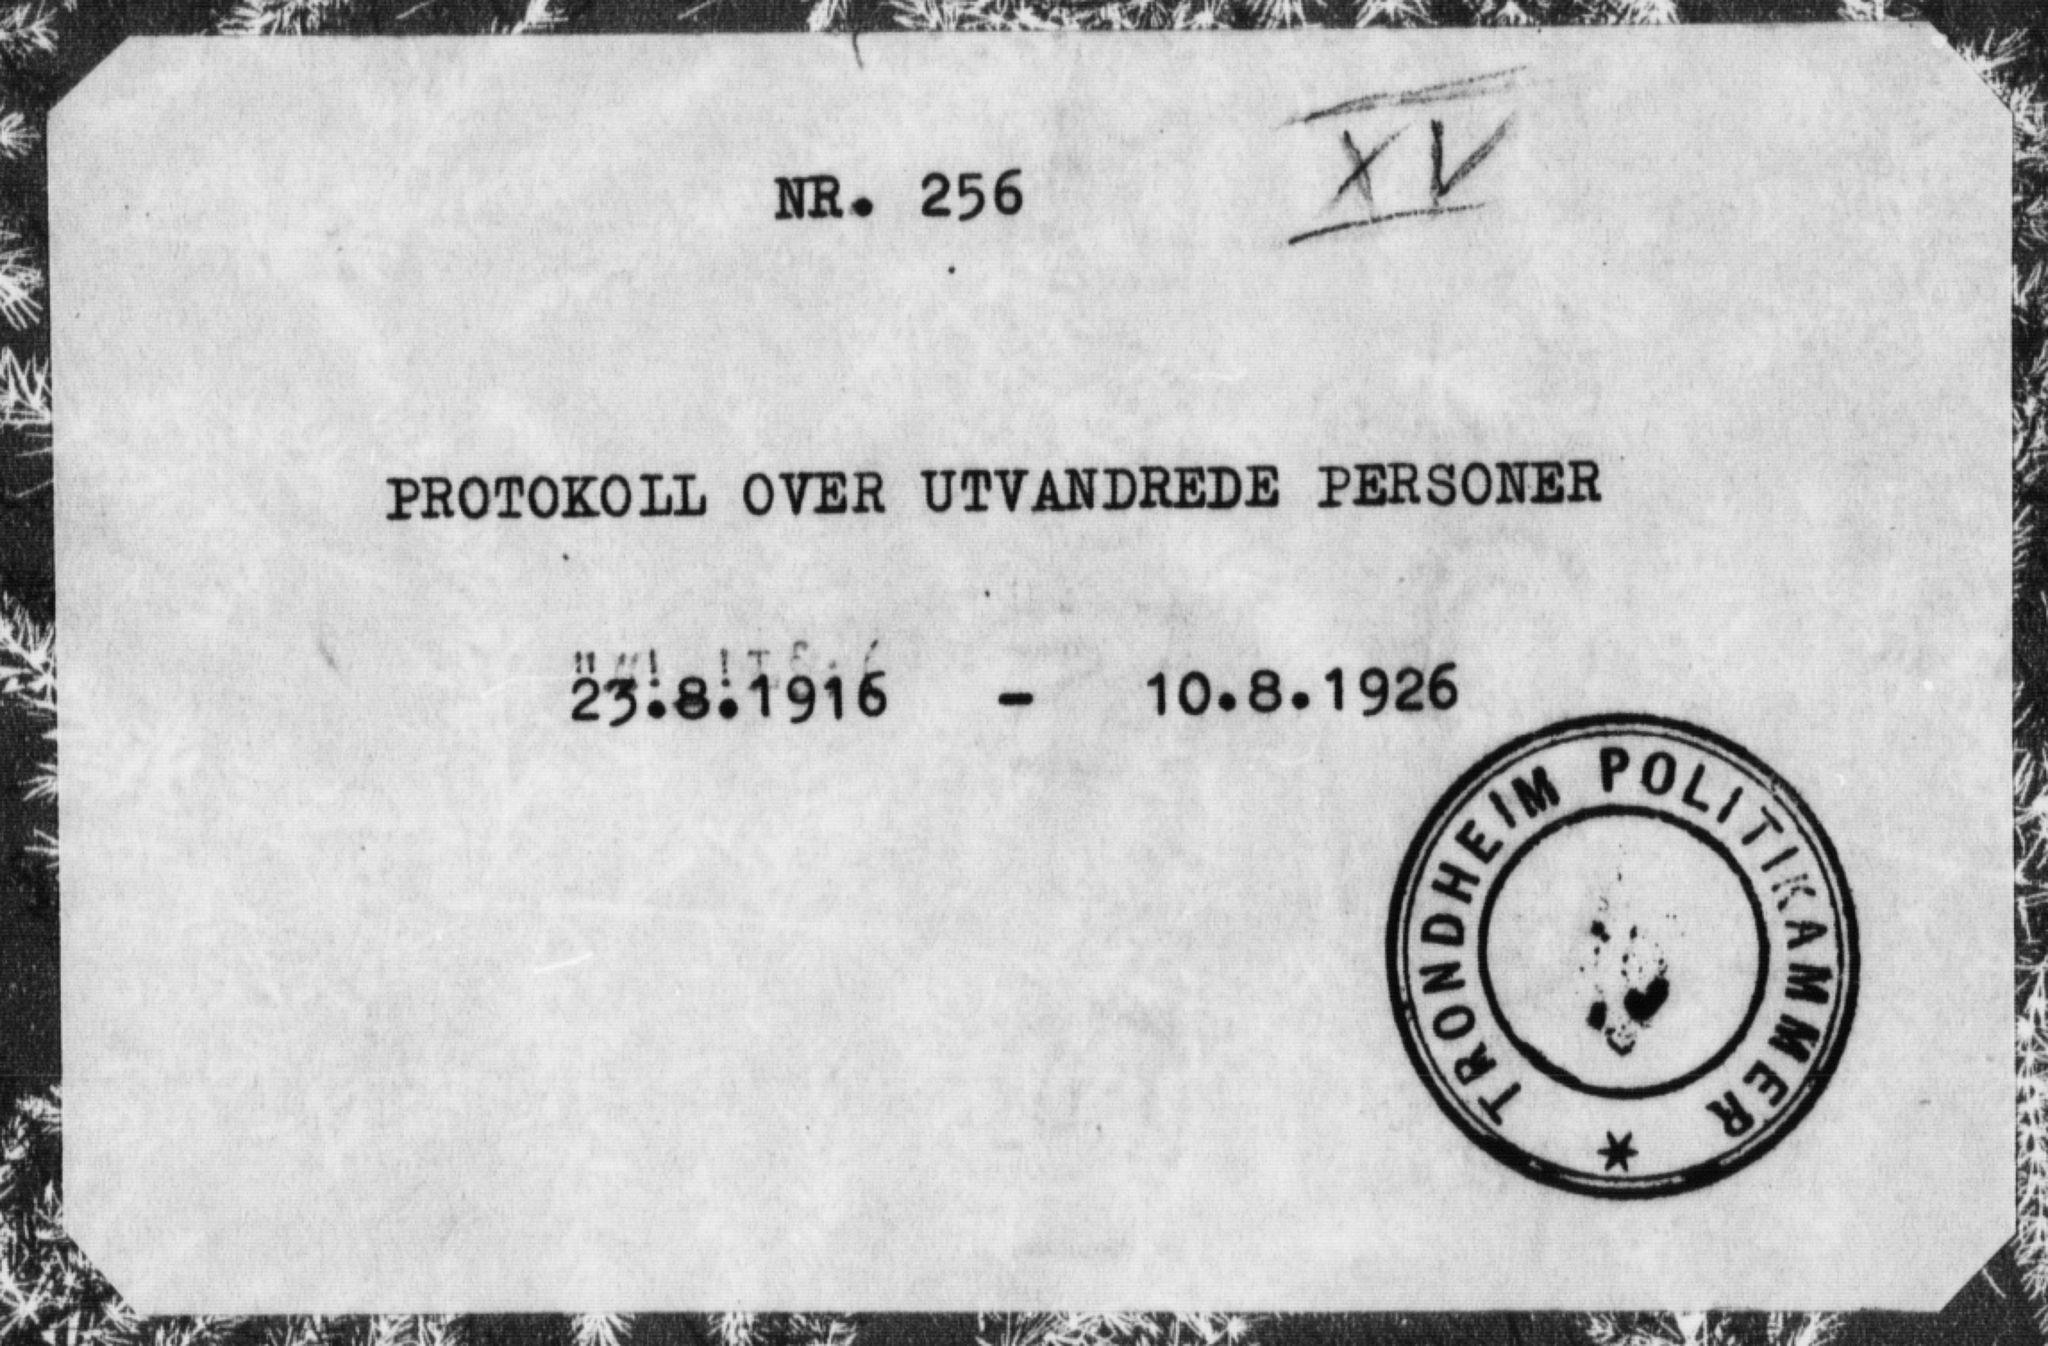 SAT, Trondheim politikammer, 32/L0016: Emigrantprotokoll XV 23.08-10.08, 1916-1926